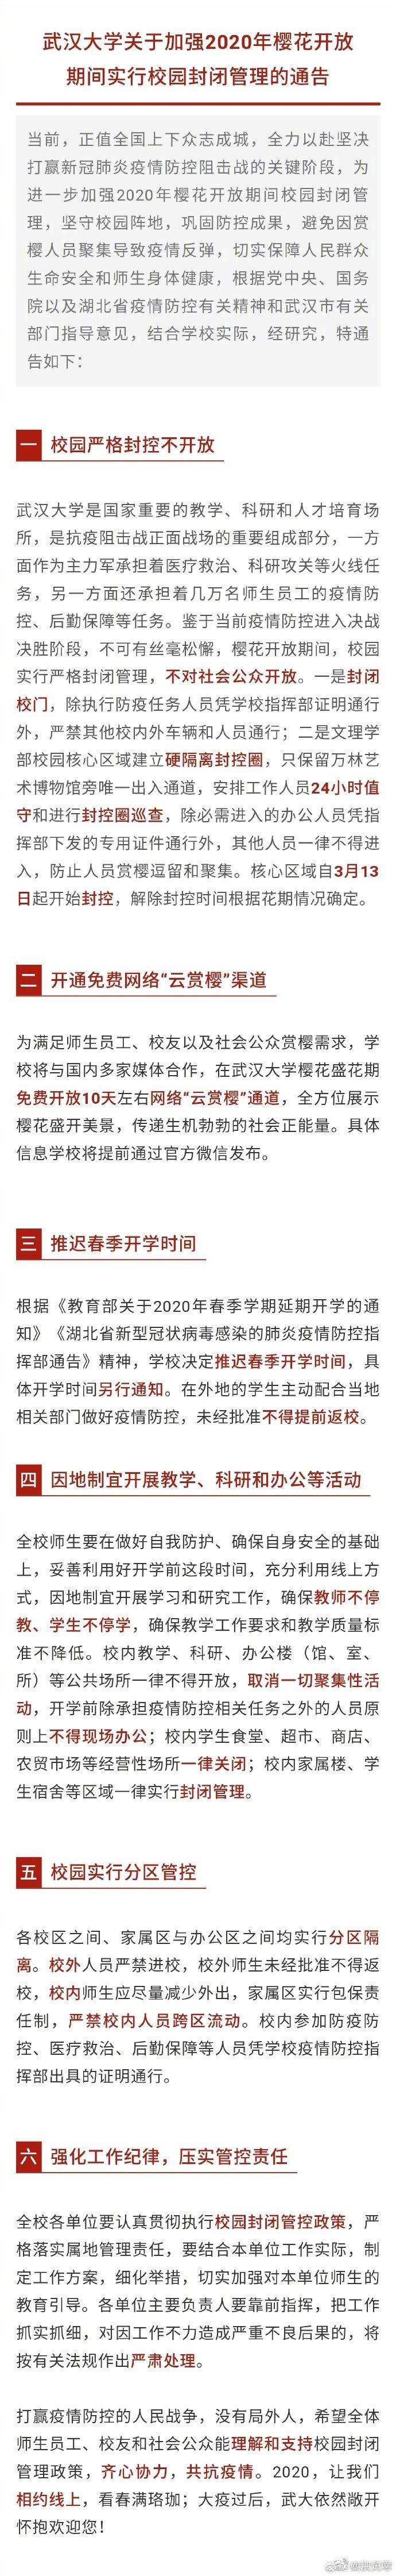 武大樱花开放期间校园政策:不对社会公众开放,今年云赏樱![墙根网]